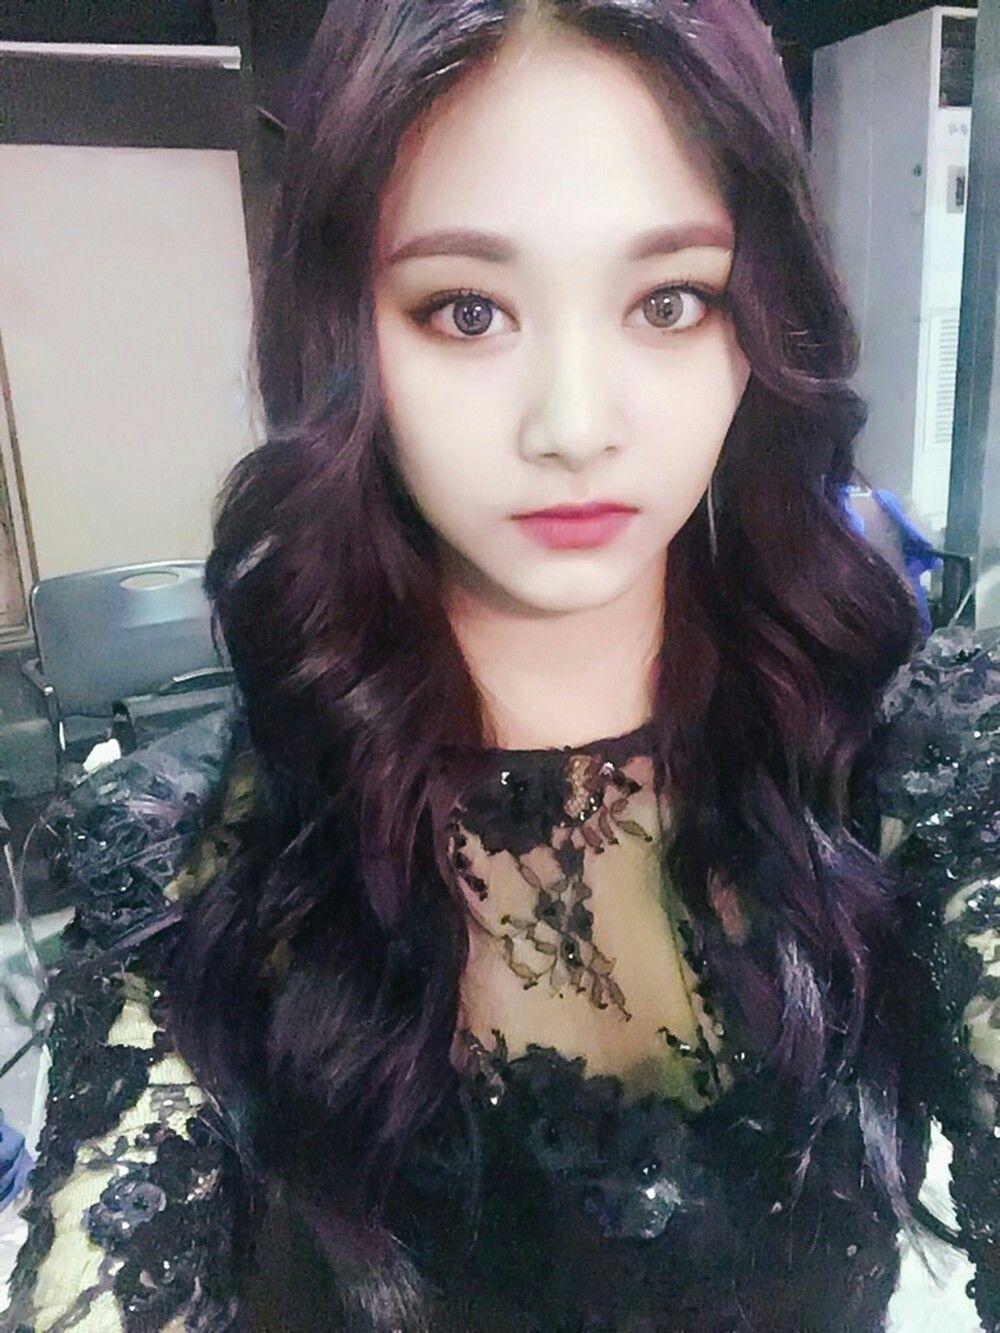 Nayeon tszyu ji hyo and gary dating